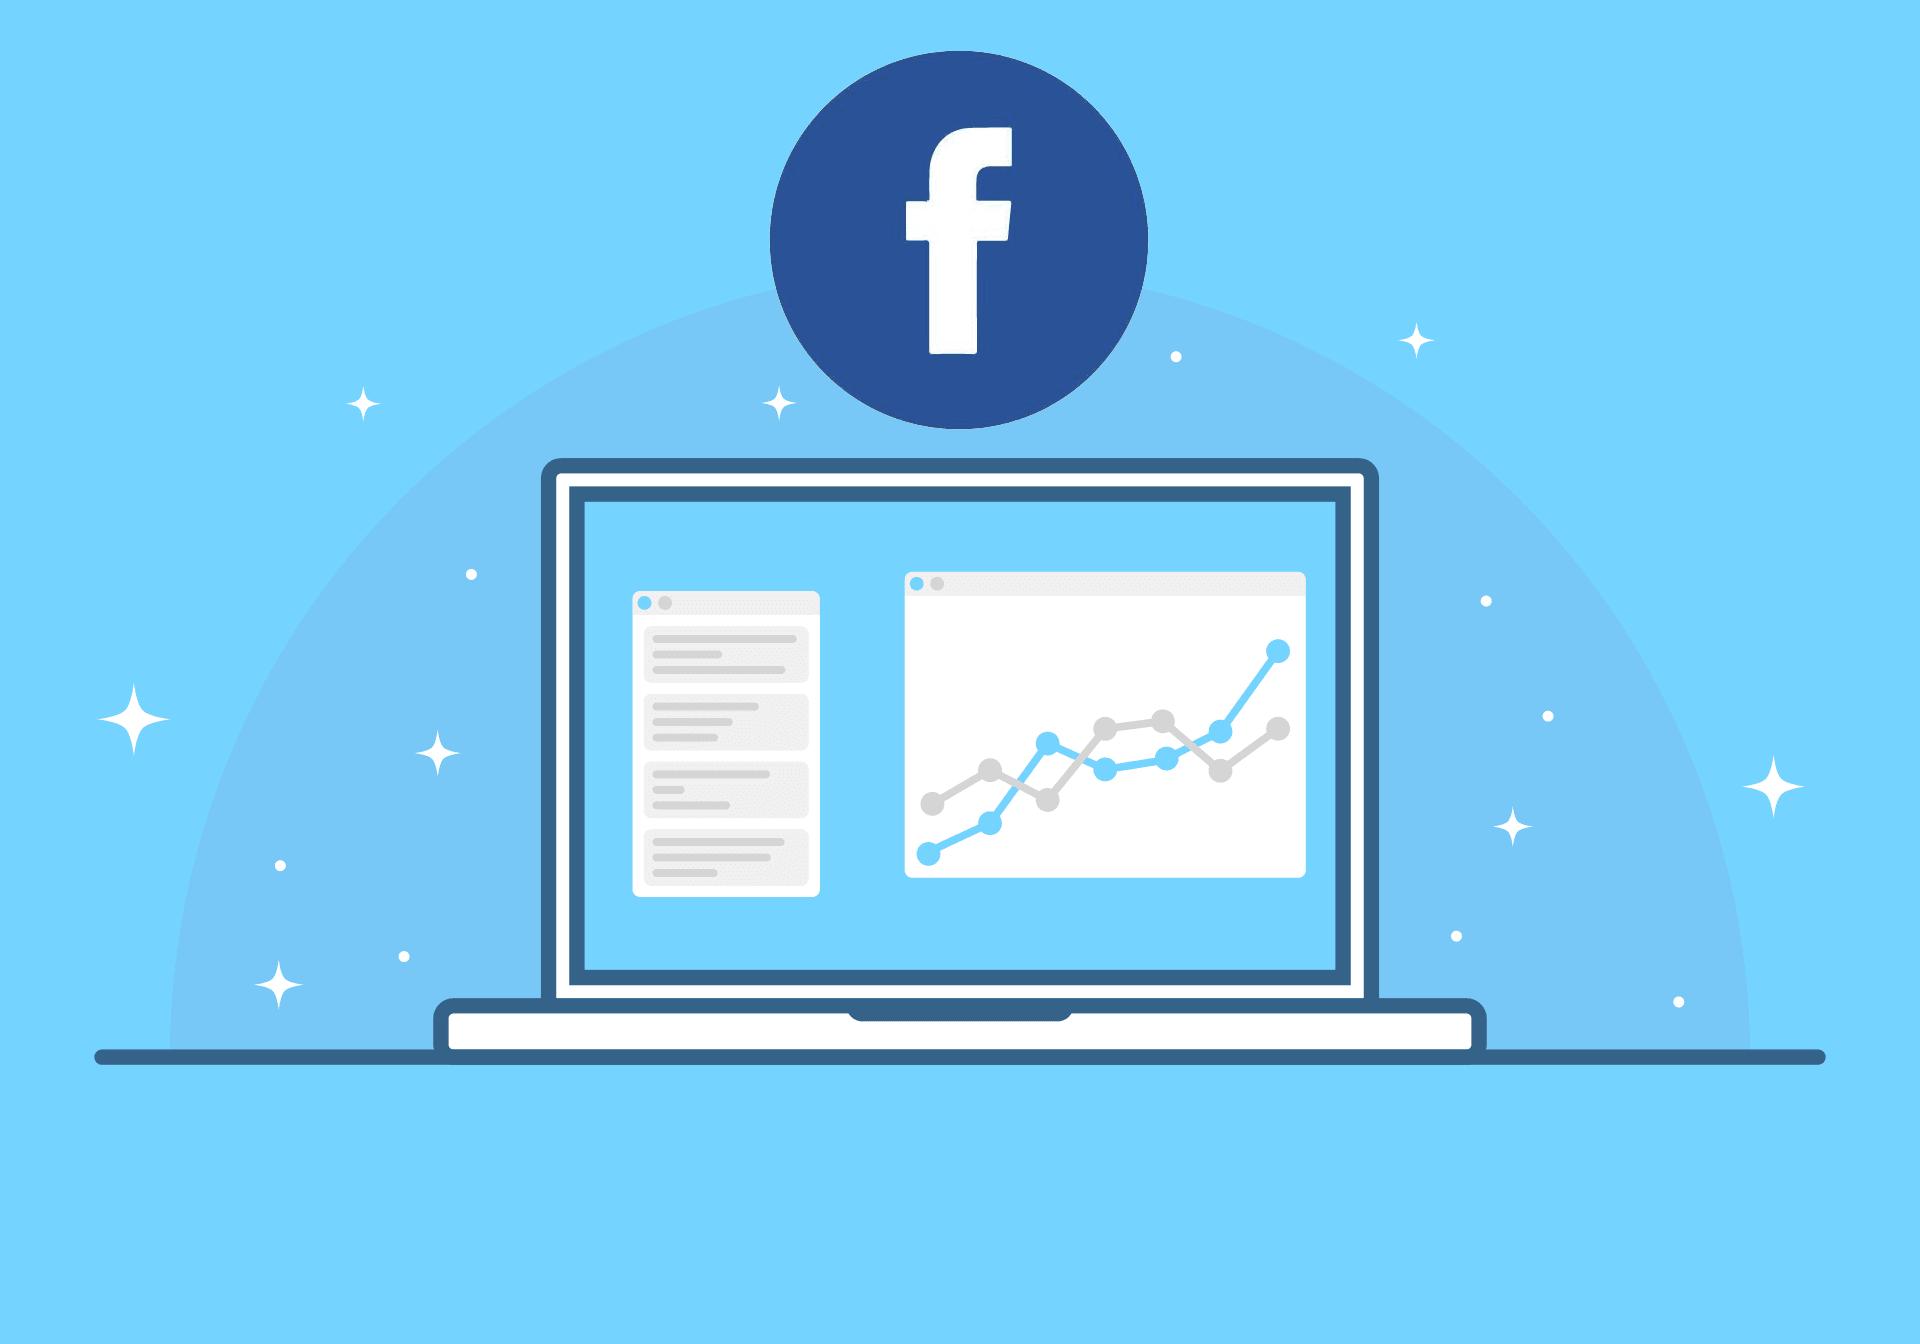 Le 30 juin 2021, Facebook Analytics va disparaître de la plateforme professionnelle. Que va signifier sa fin ?